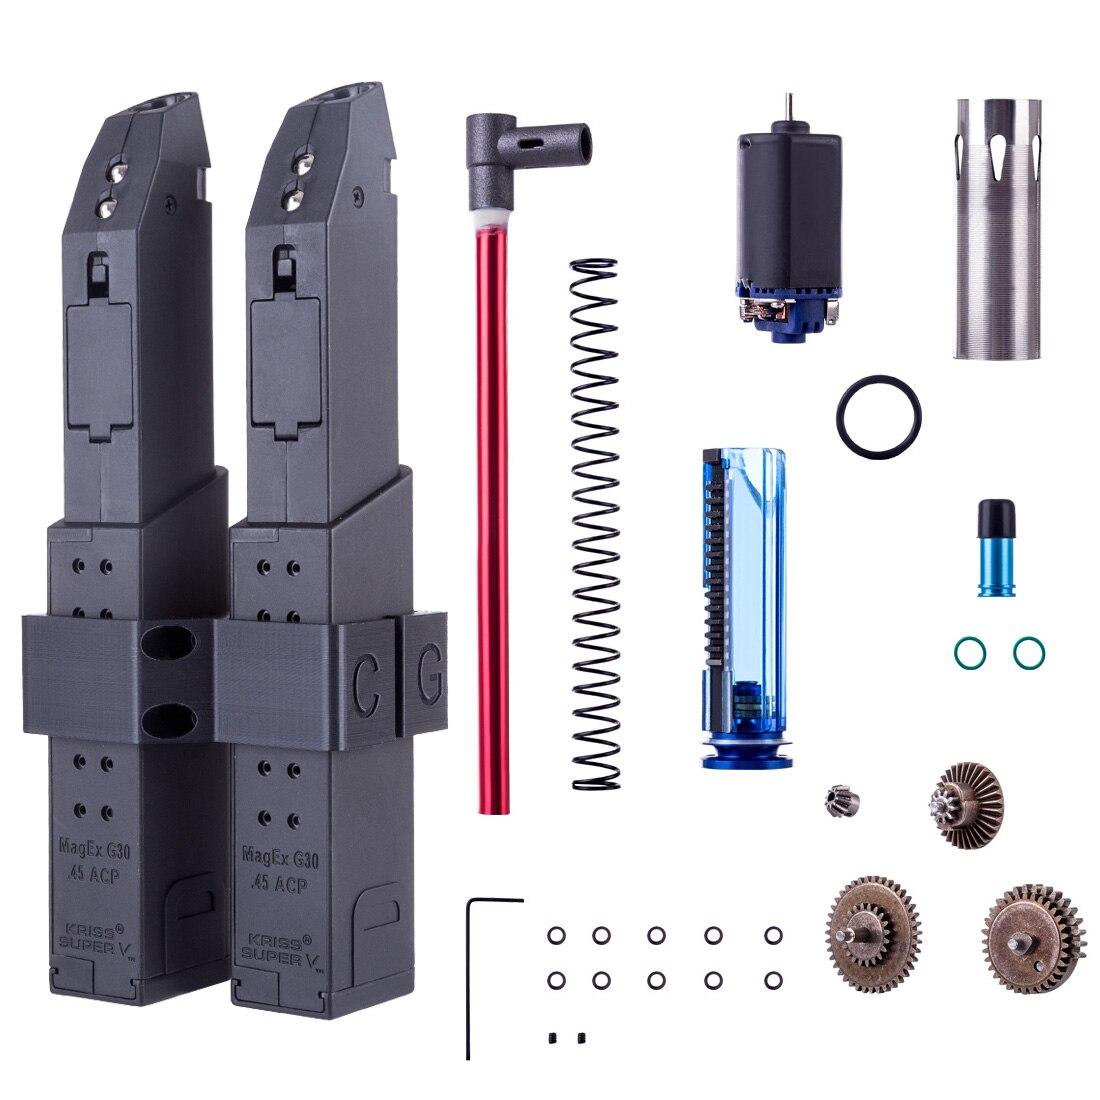 D'origine Magazine + Mag Coupleur Haute Performance Modification Accessoires Kit pour LH Vecteur Gen.2 gel aqueux Perles Blaster